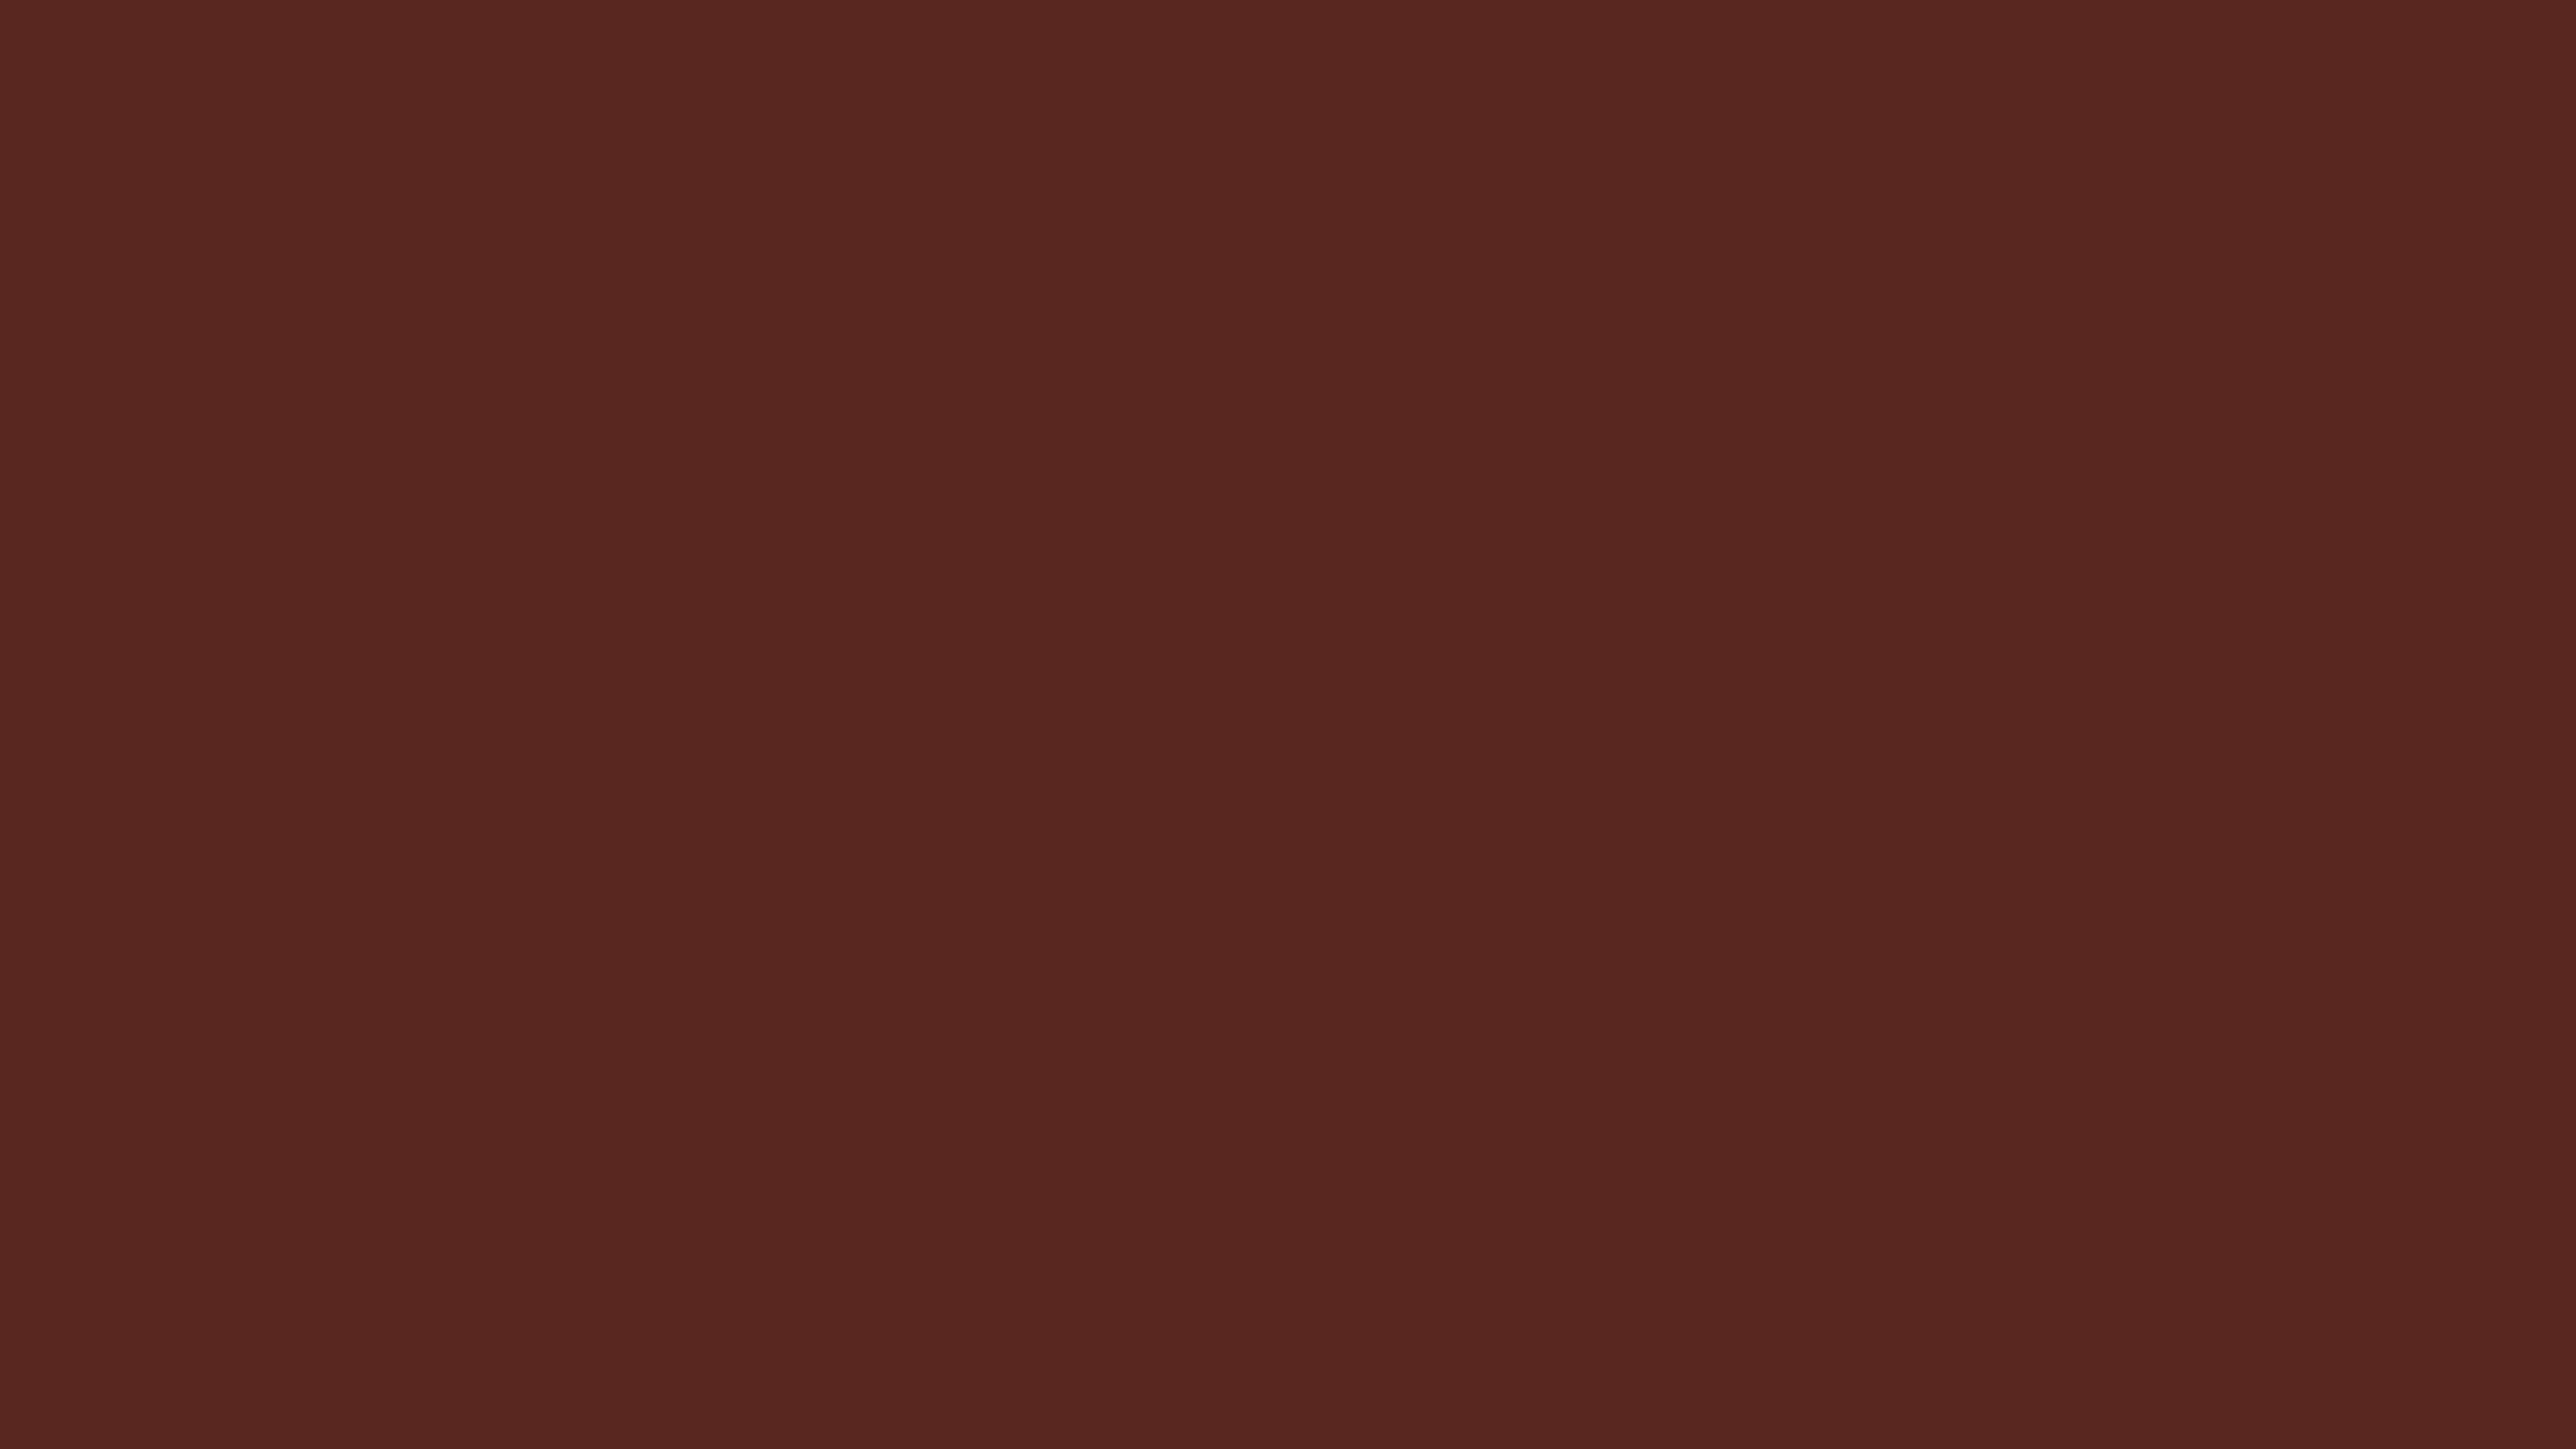 4096x2304 Caput Mortuum Solid Color Background